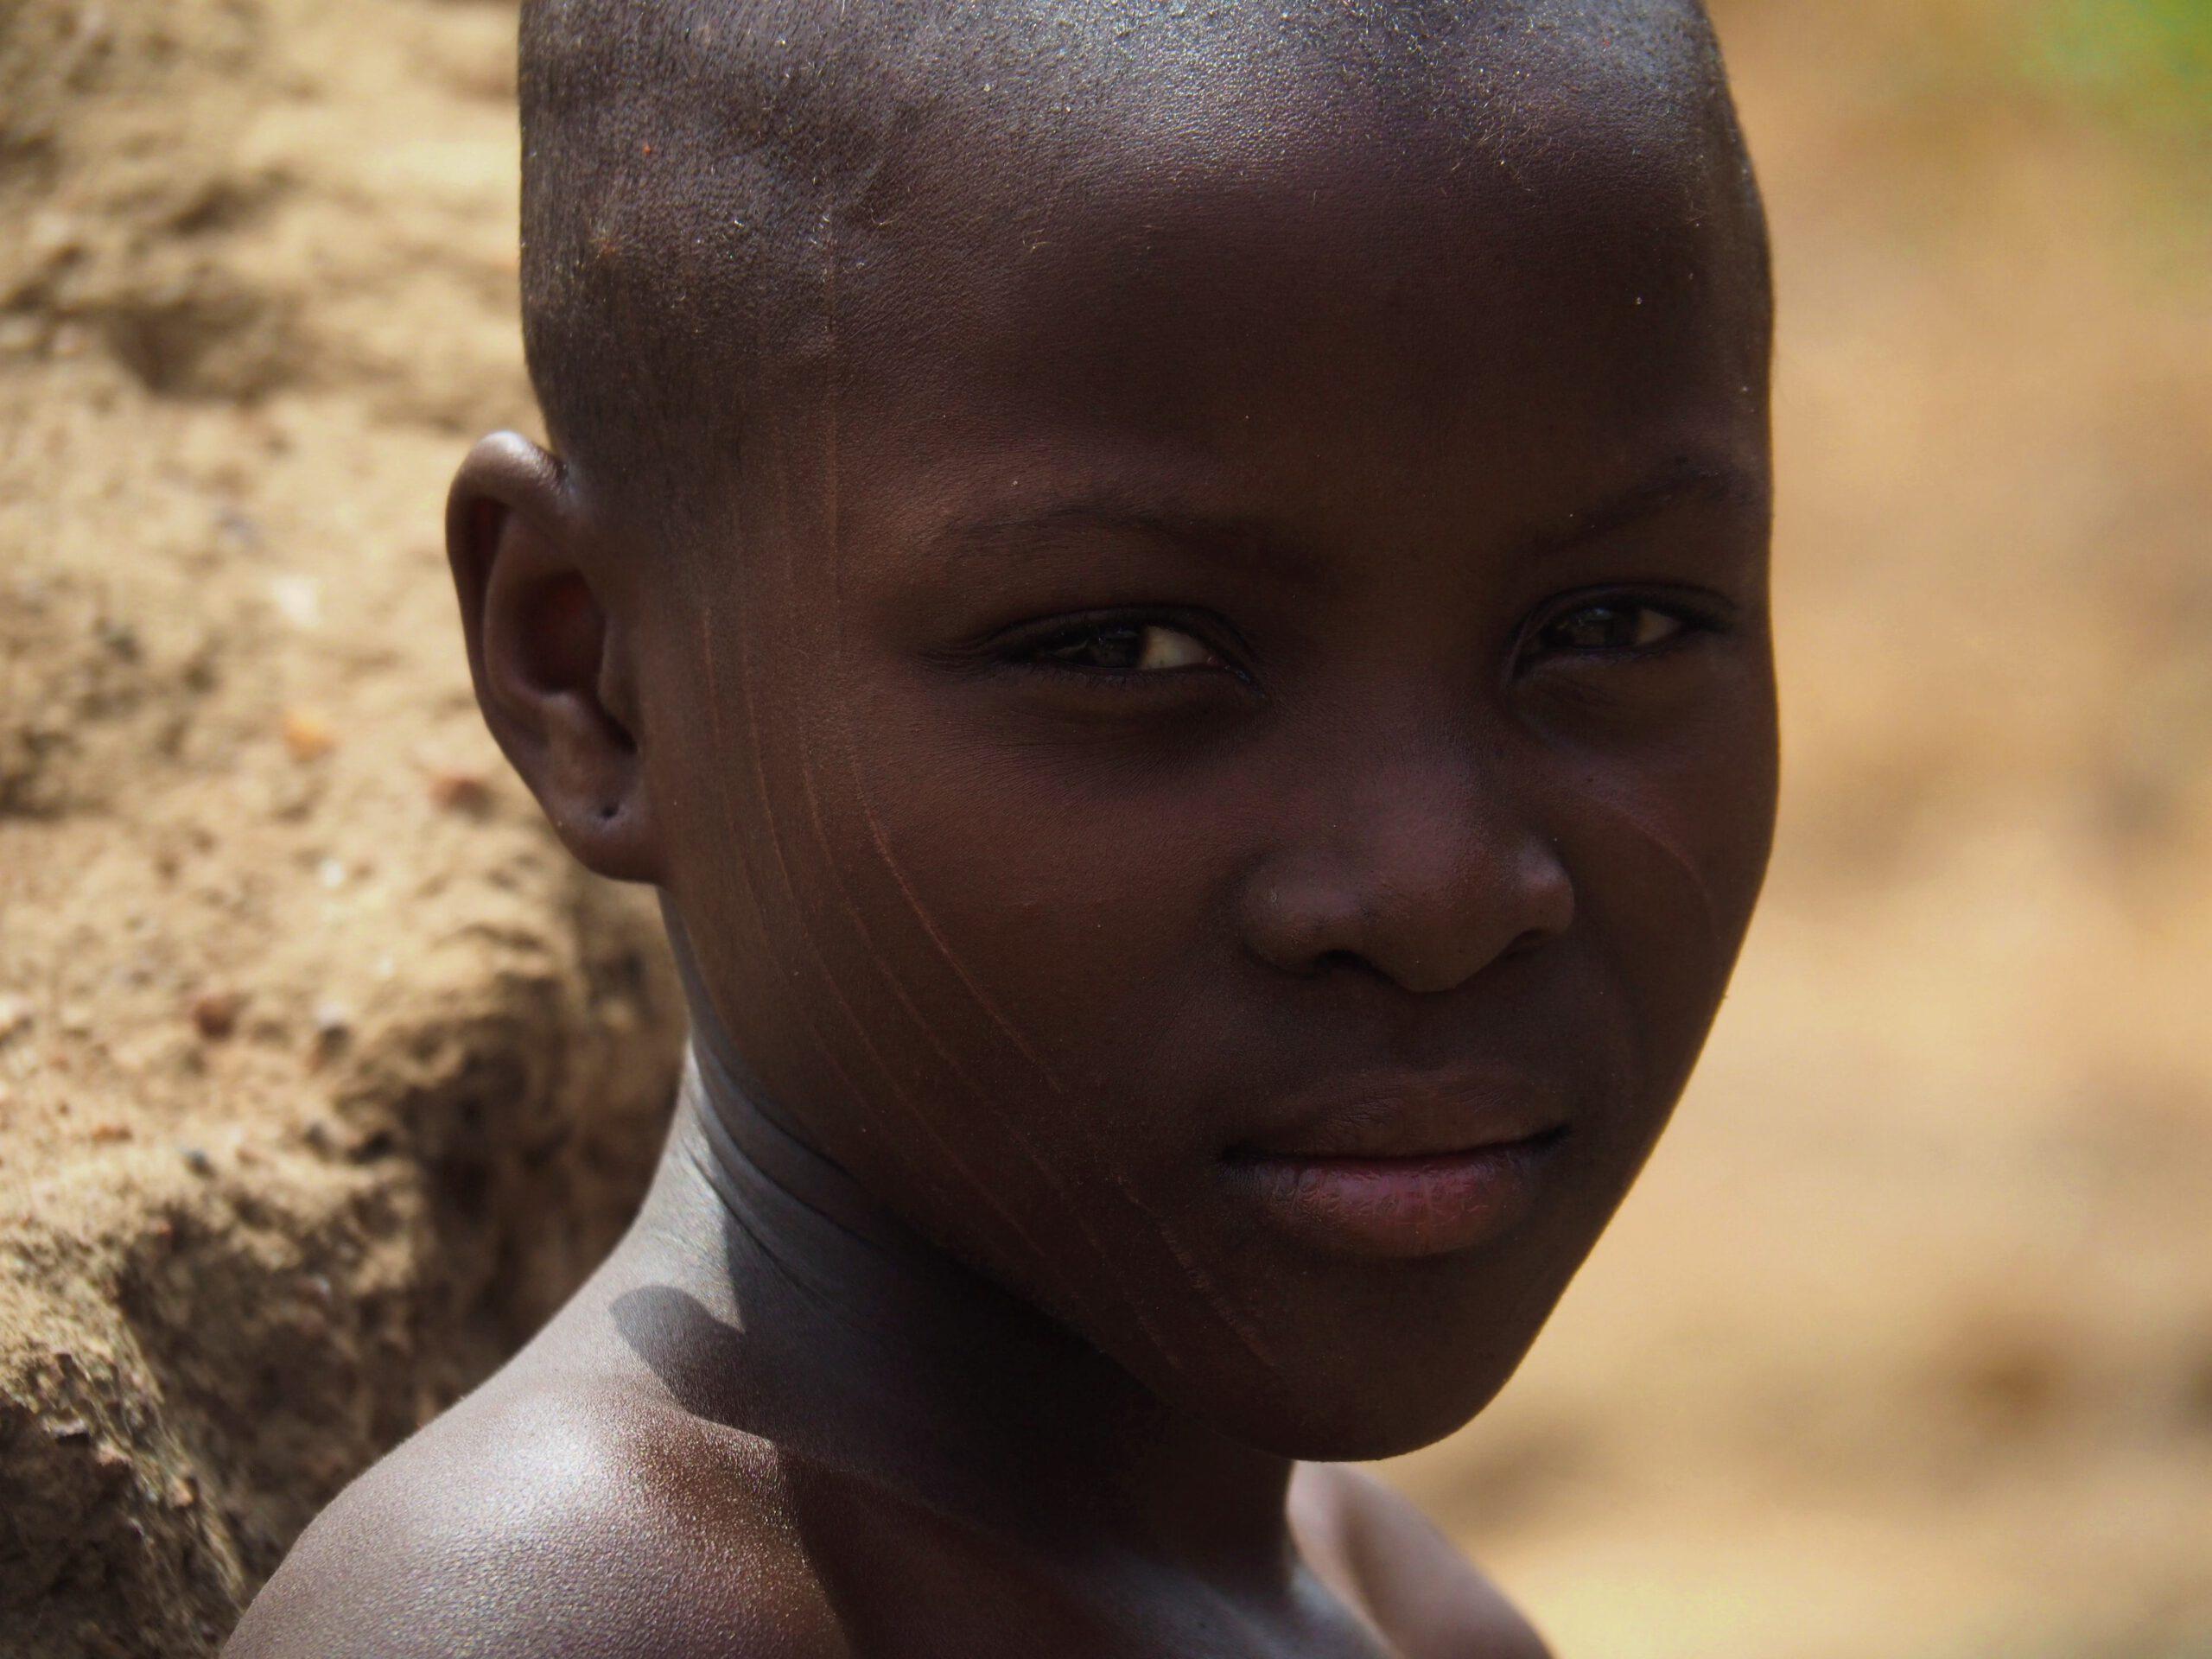 Un niño Taneka con escarificaciones en la cara Republica de Benin